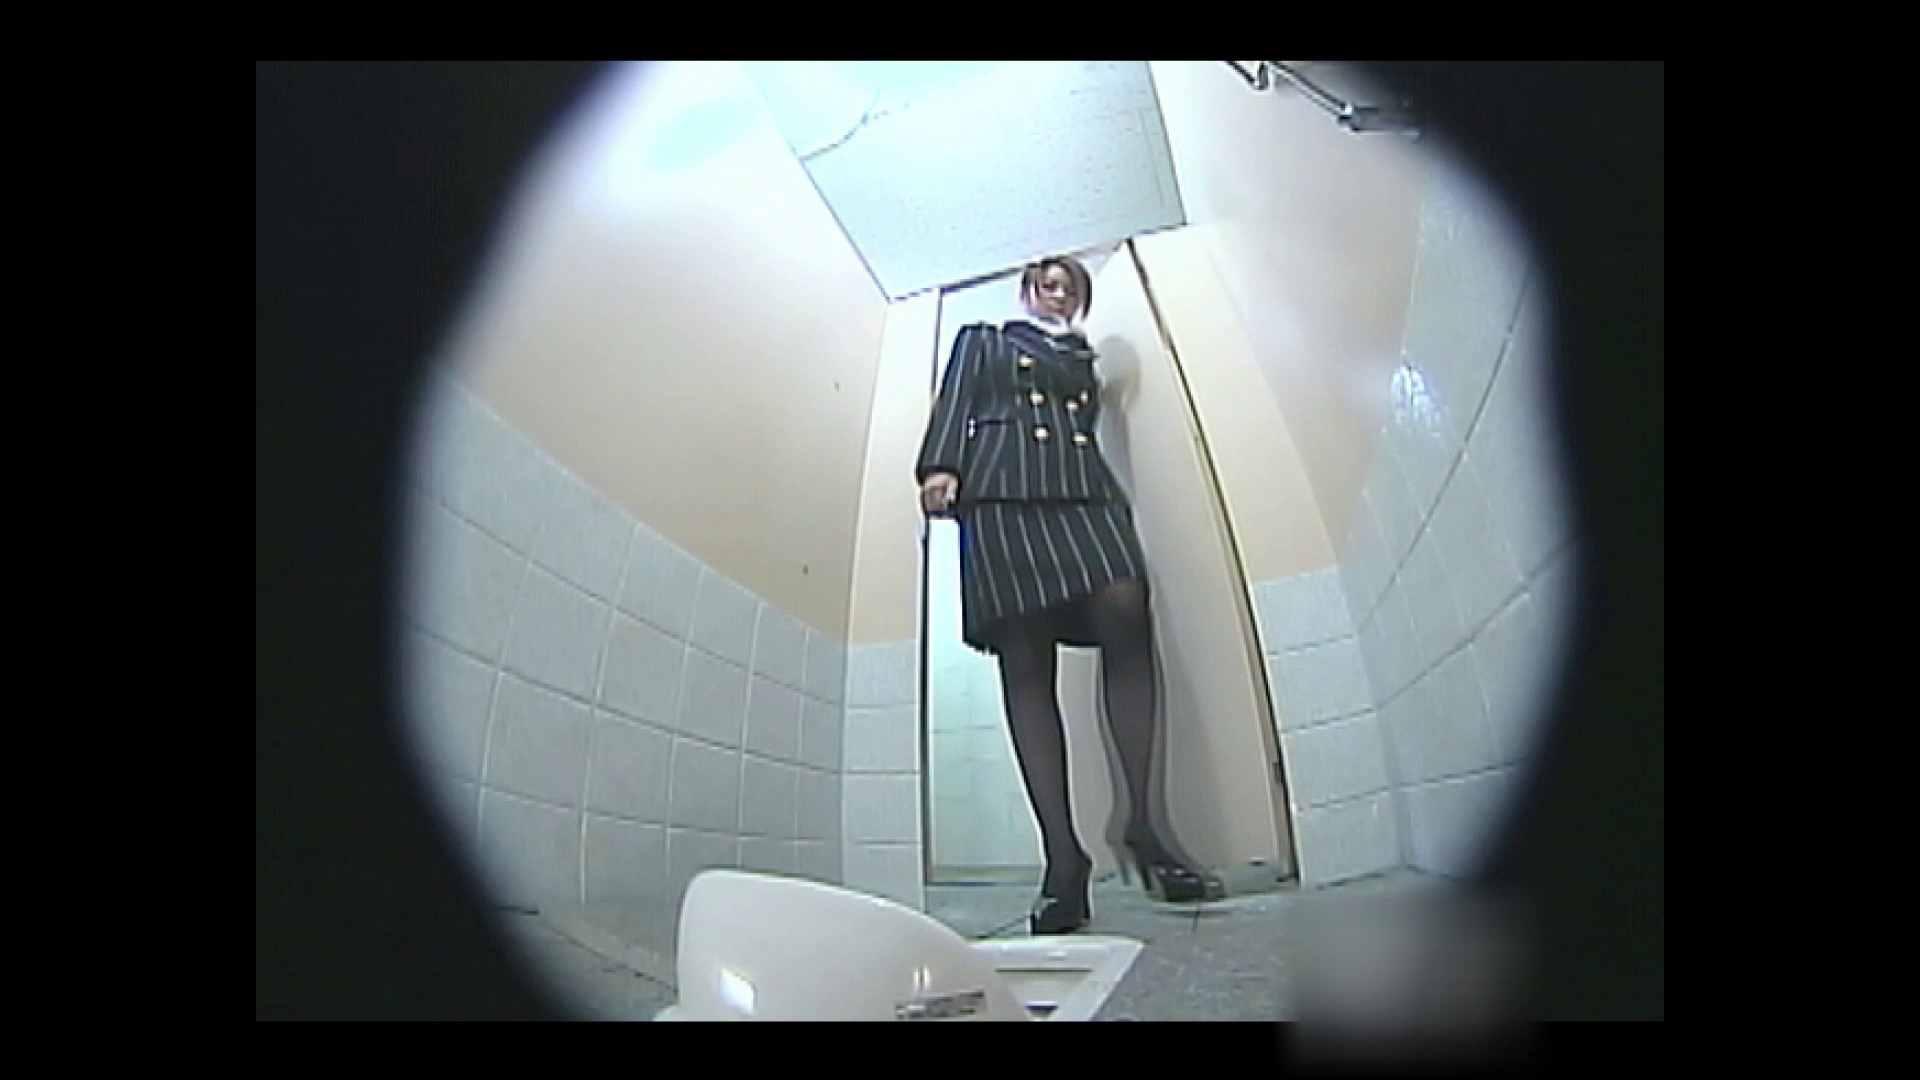 異業種交流会!!キャビンアテンダント編vol.09 オマンコ特集 濡れ場動画紹介 80pic 5